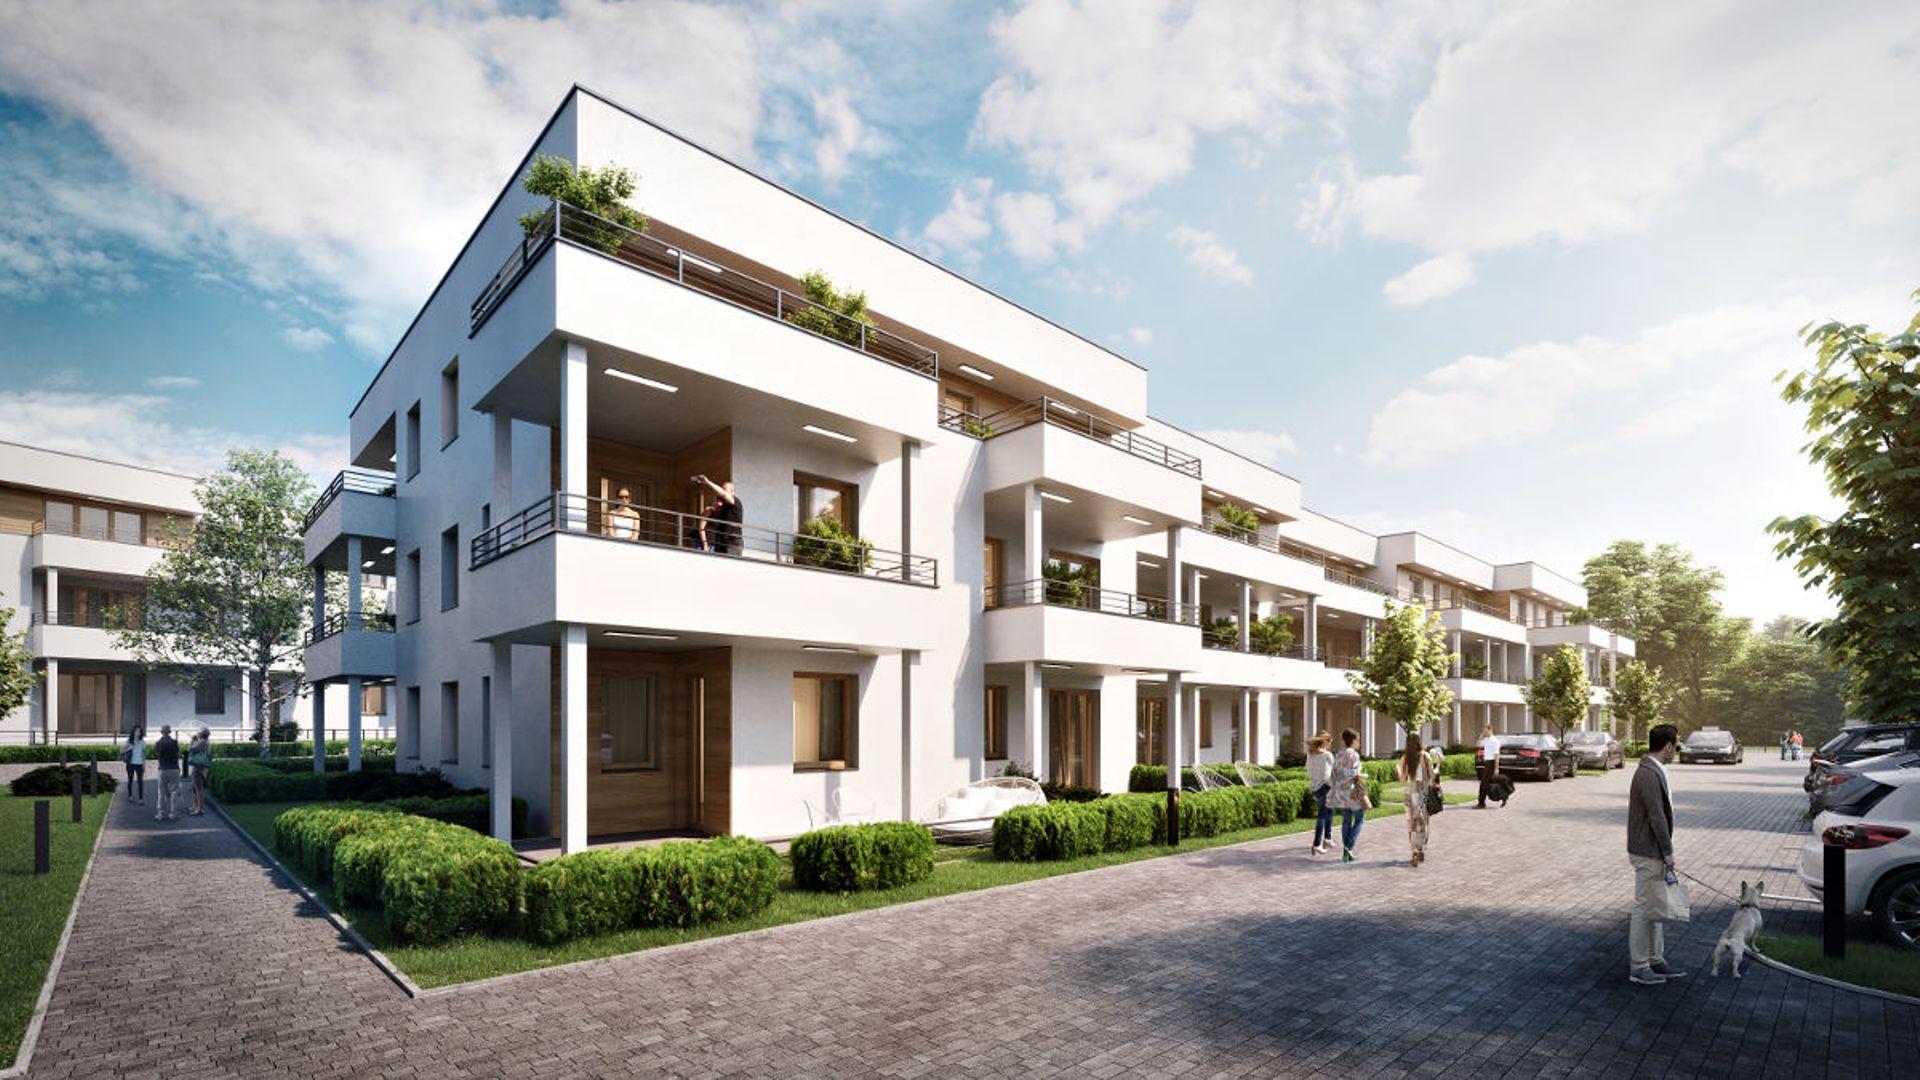 Łódź: Łupkowa Park – na Bałutach powstaje nowe osiedle